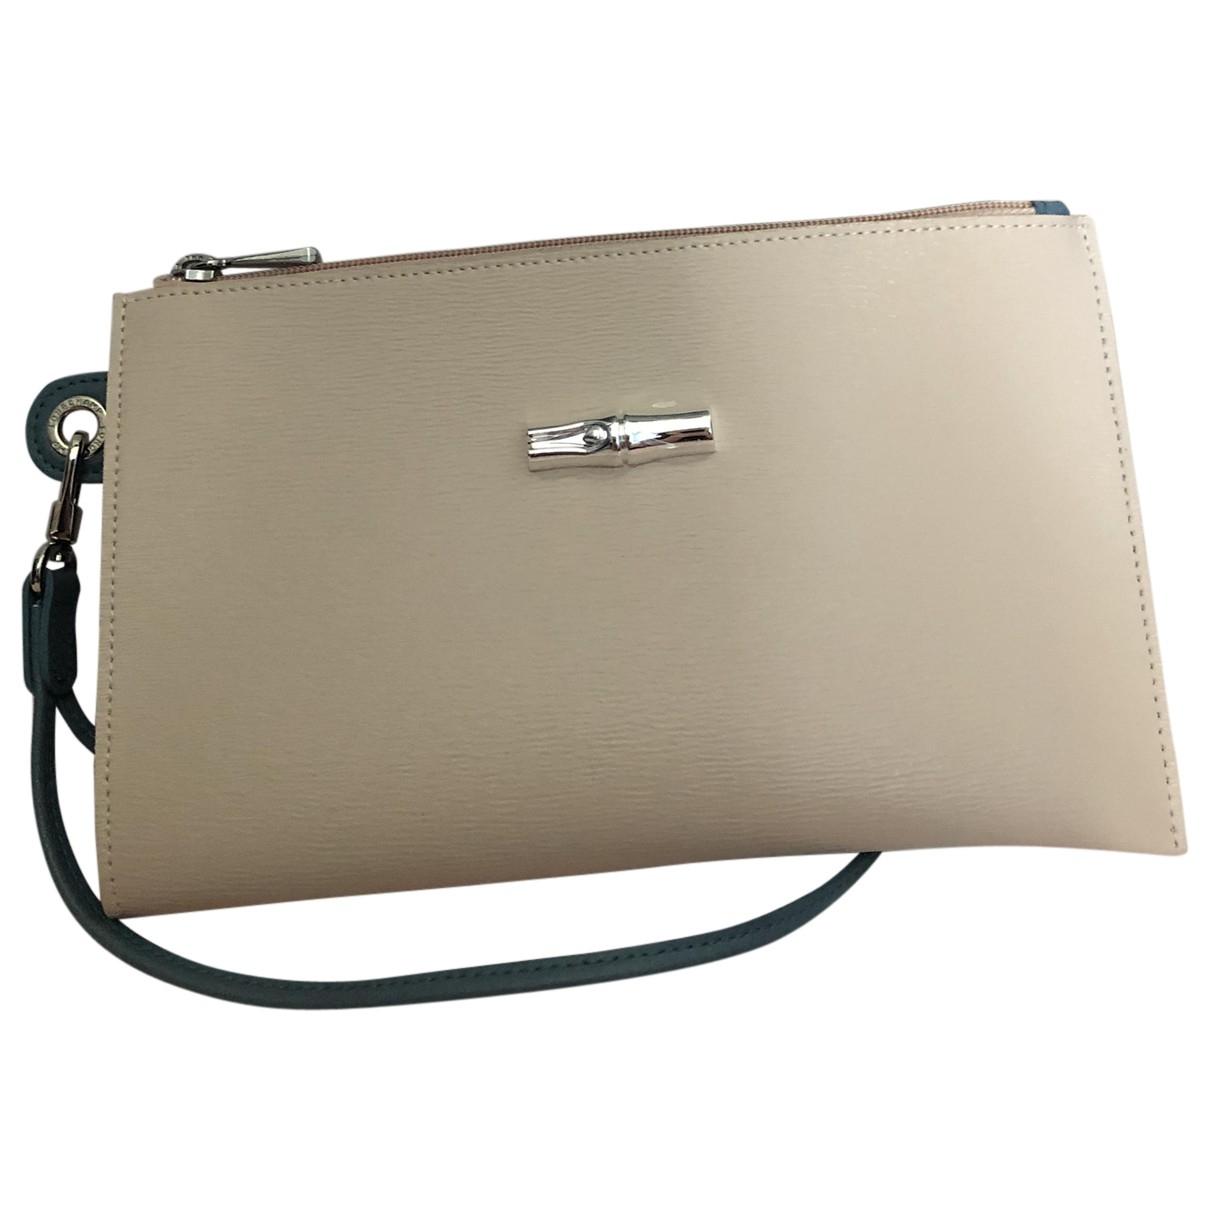 Longchamp - Pochette   pour femme en cuir - beige